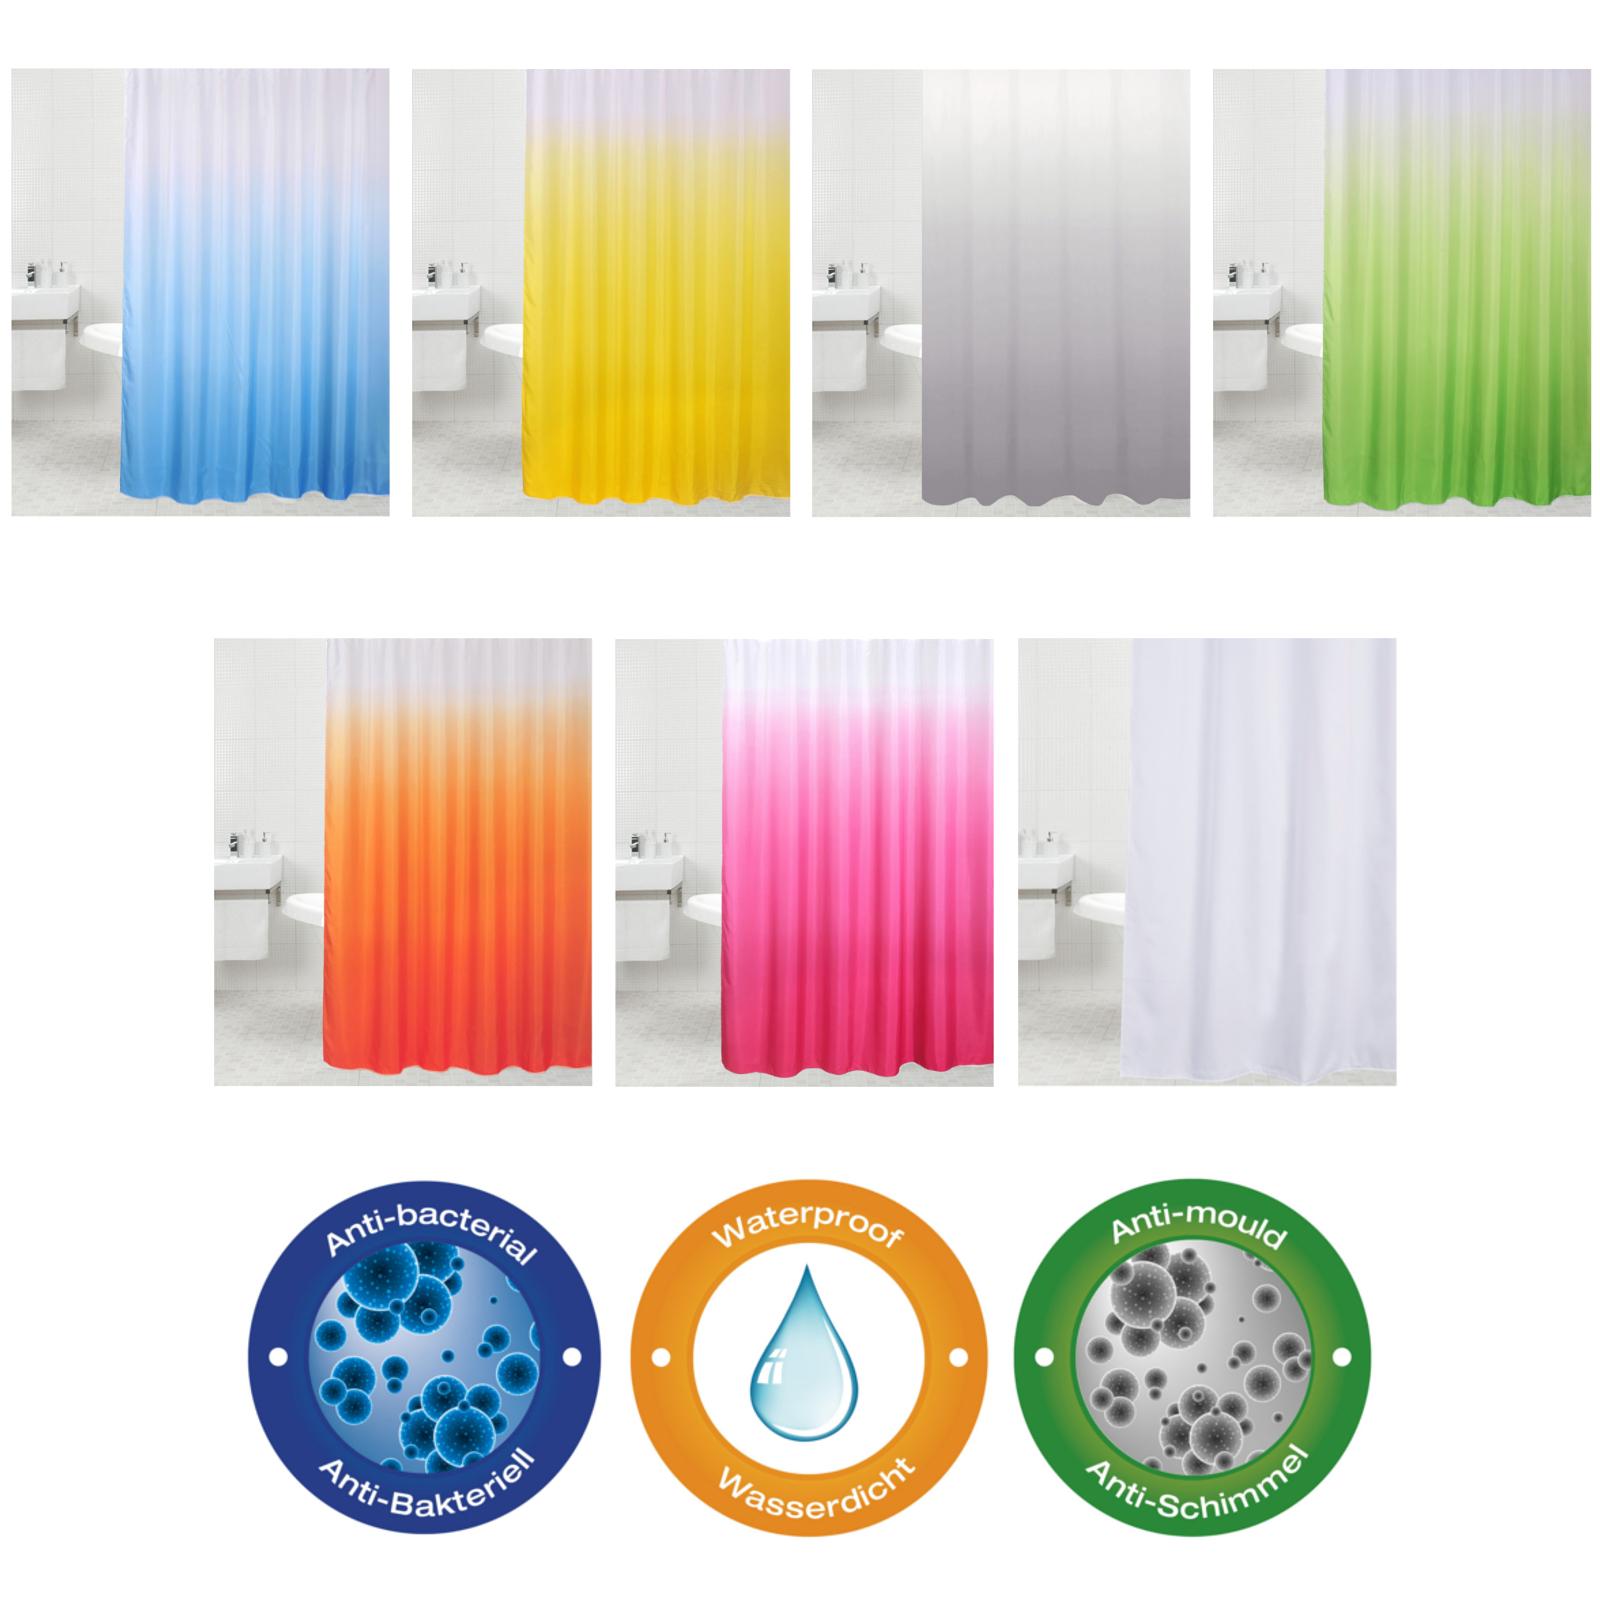 duschvorhang textil duschvorhang textil anika duschvorhang textil five stripes in drei farben. Black Bedroom Furniture Sets. Home Design Ideas